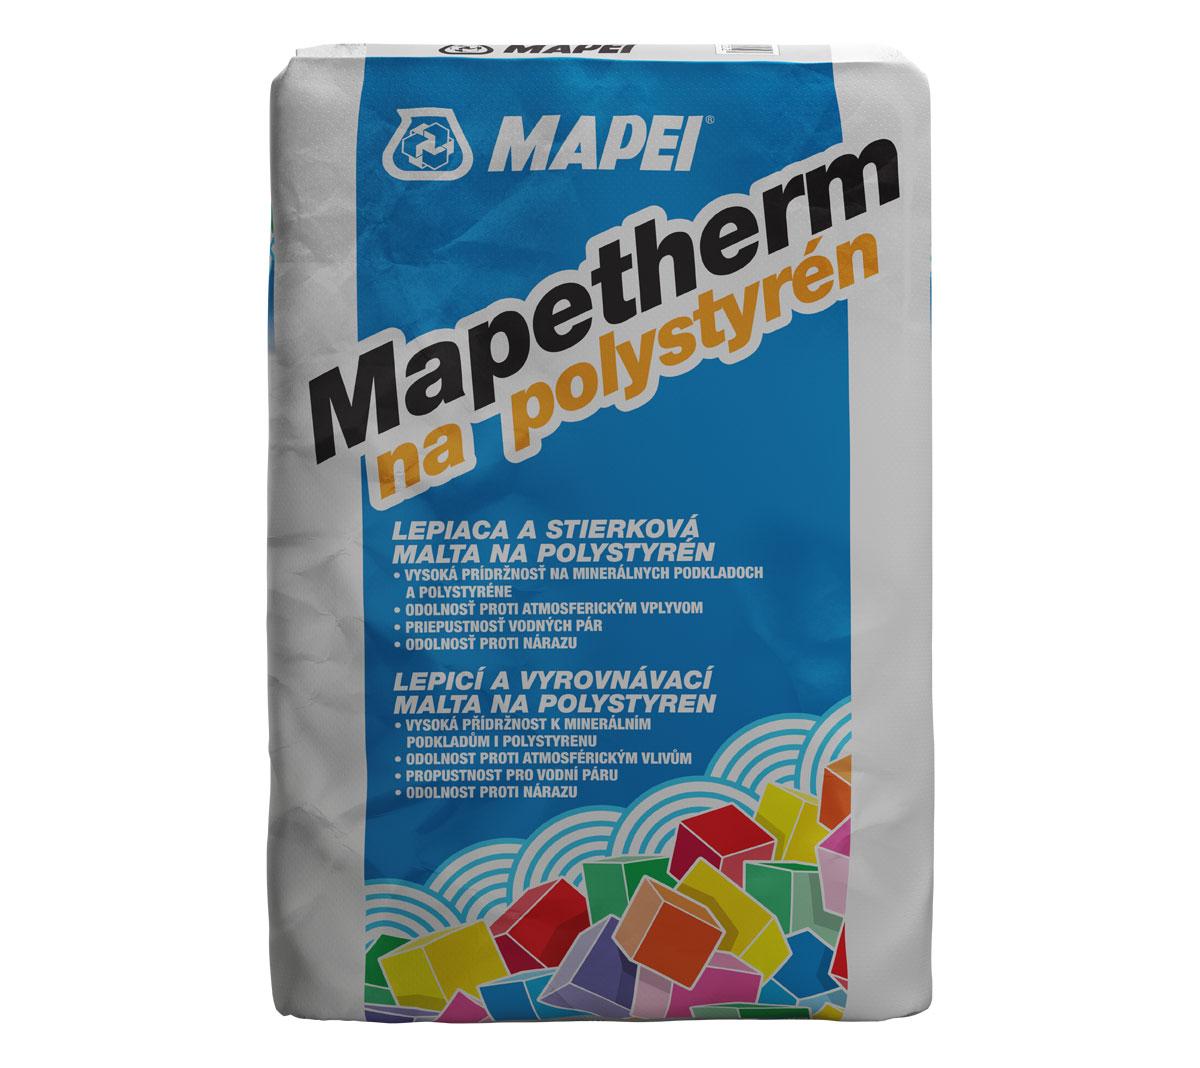 Mapetherm na polystyrén je lepiaca malta určená na lepenie a stierkovanie tepelnoizolačných dosiek z polystyrénu